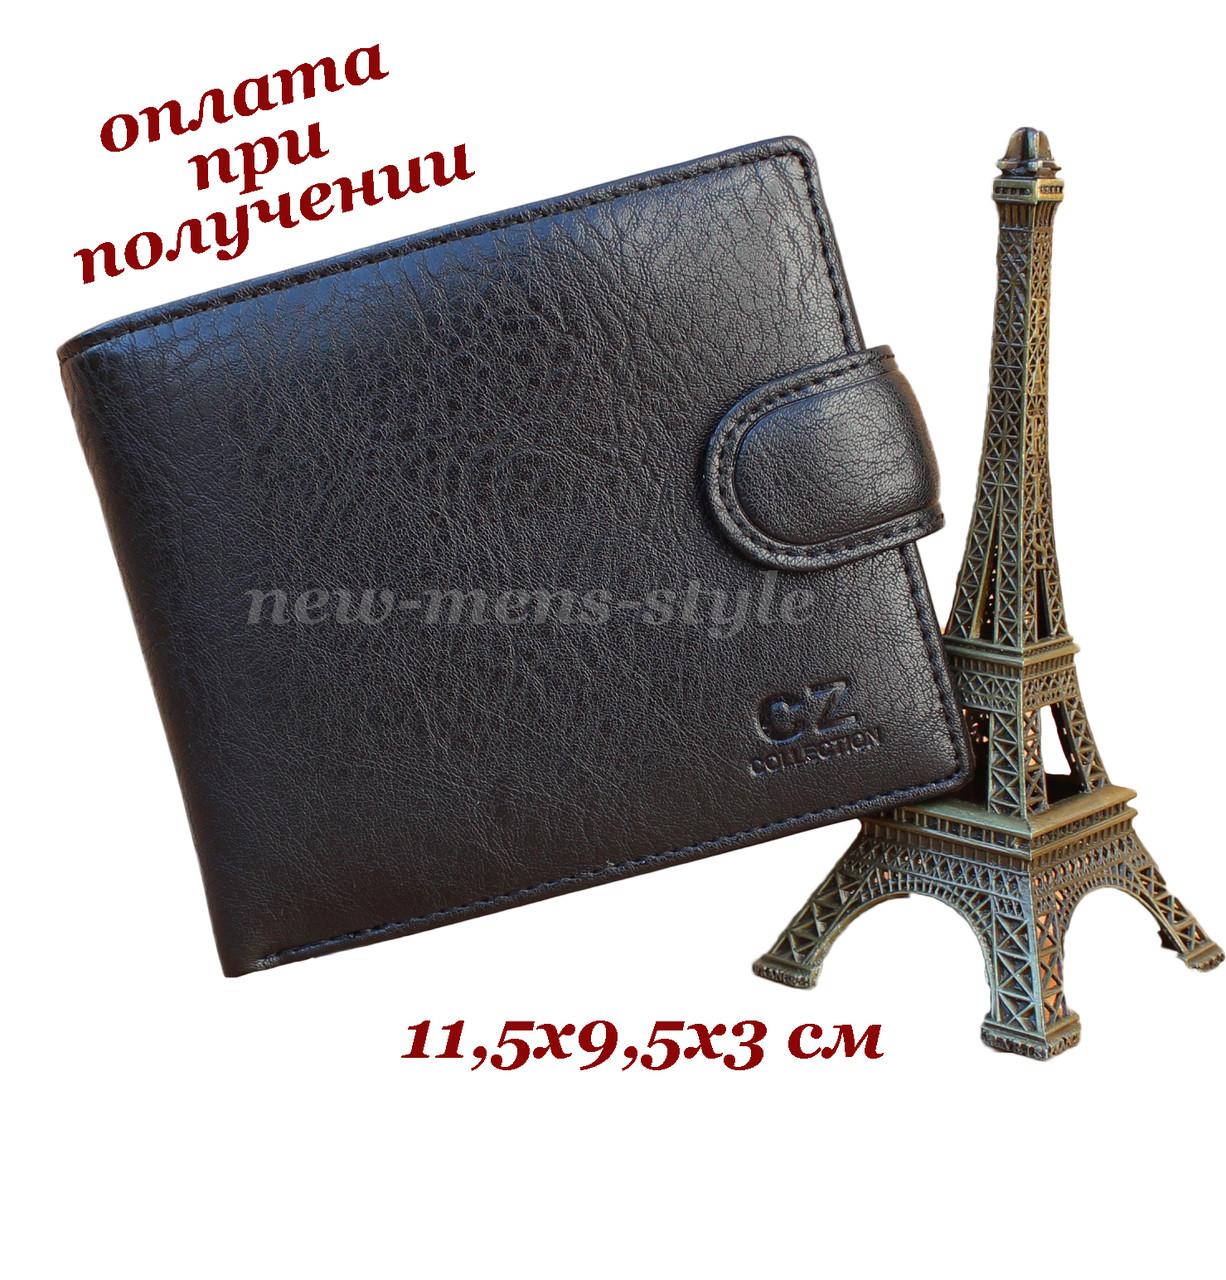 Чоловічий гаманець портмоне гаманець з натуральної шкіри шкіряний CZ COLLECTION (1)